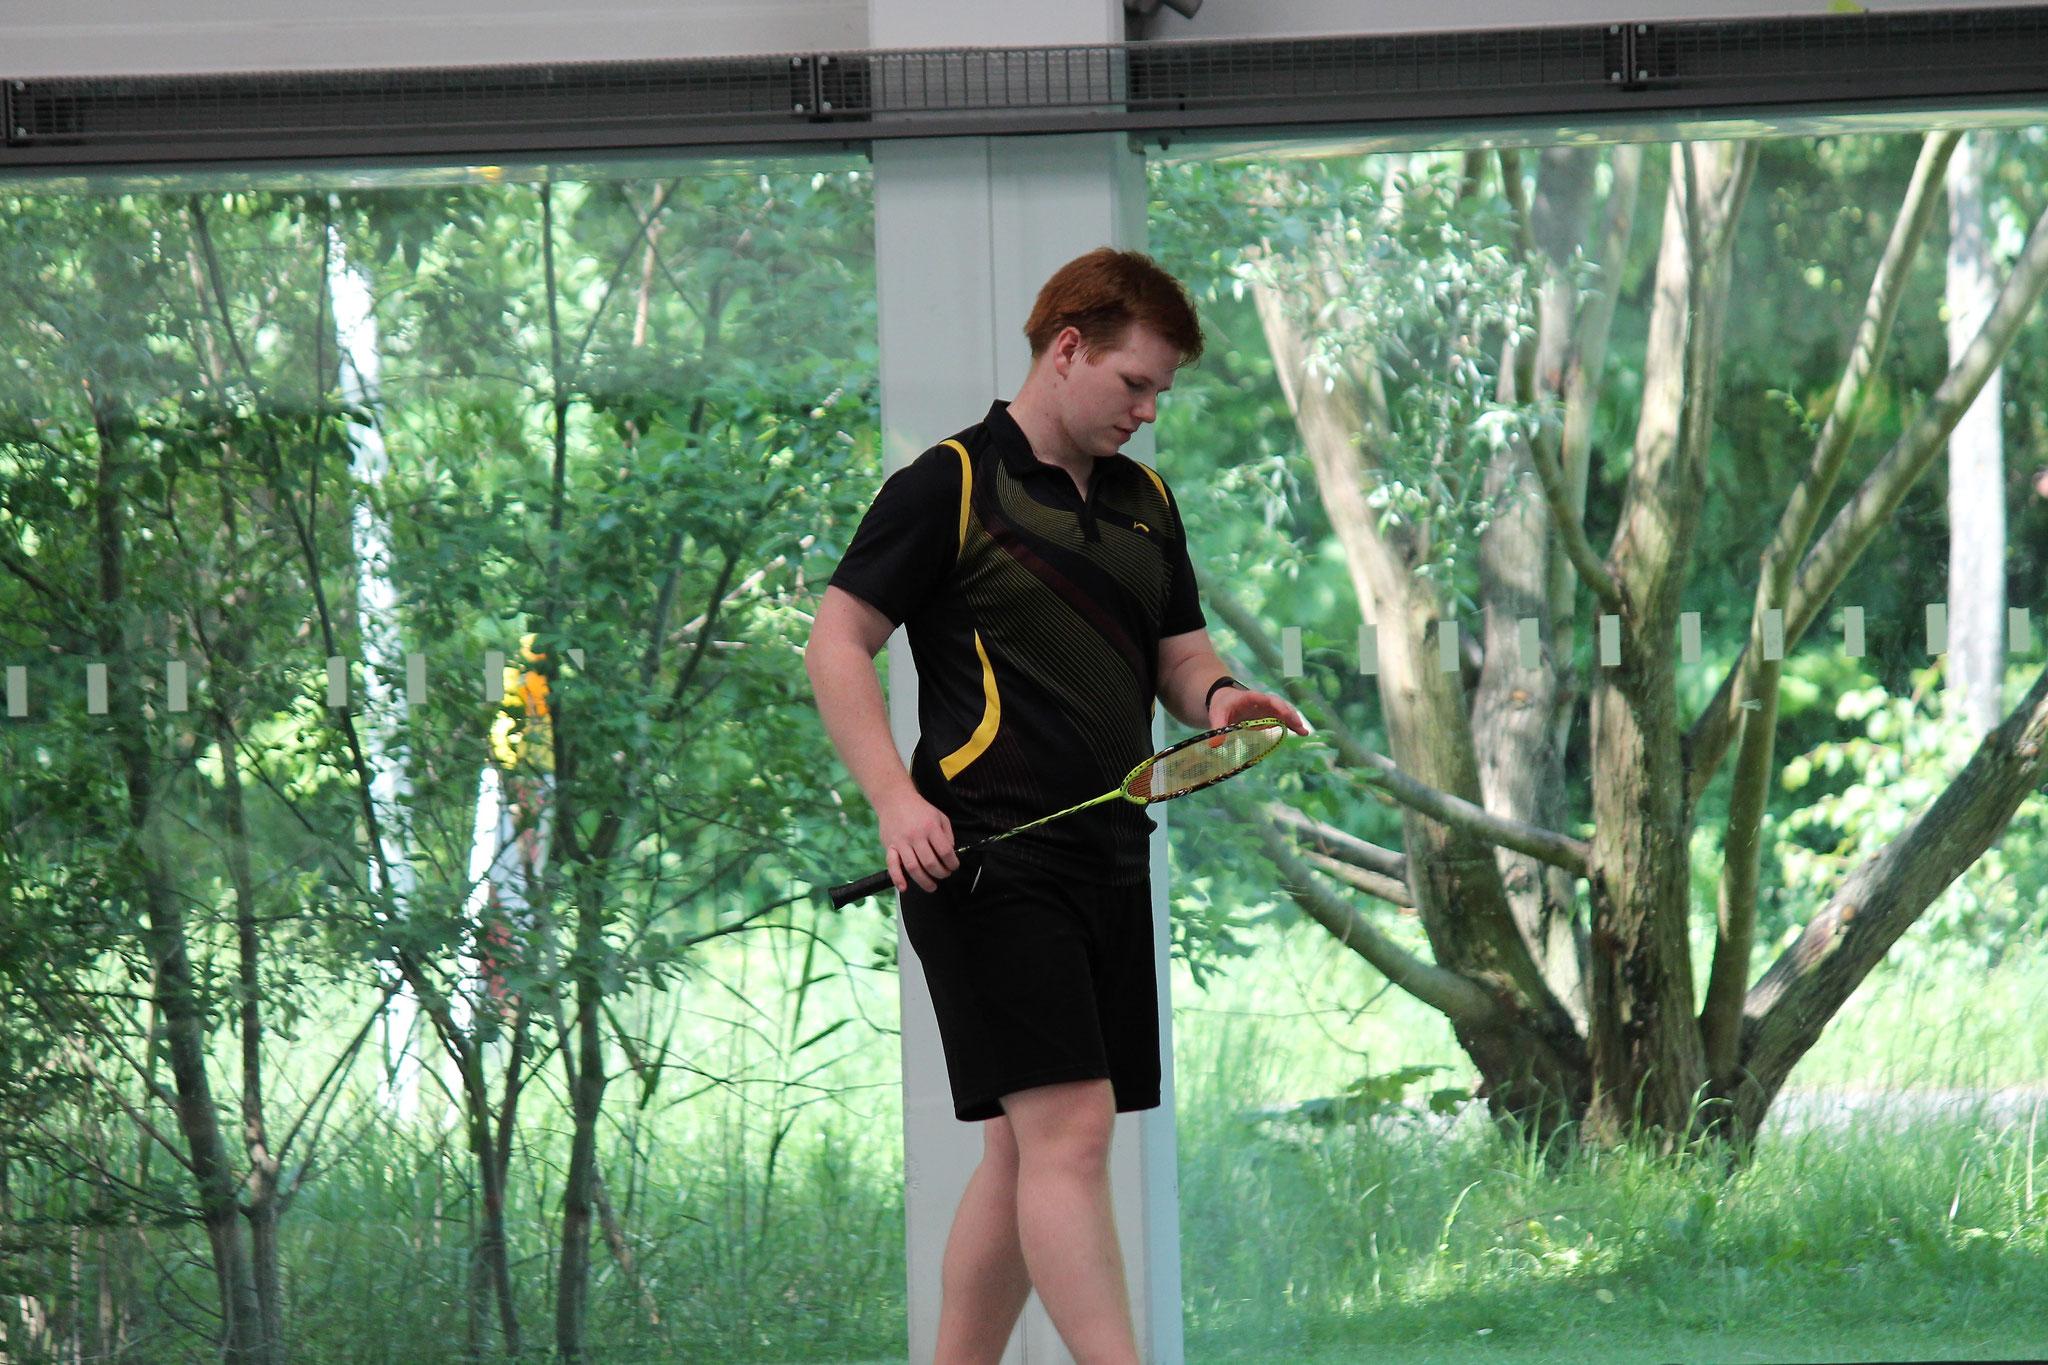 Matthias Kroll prüft seine Ausrüstung